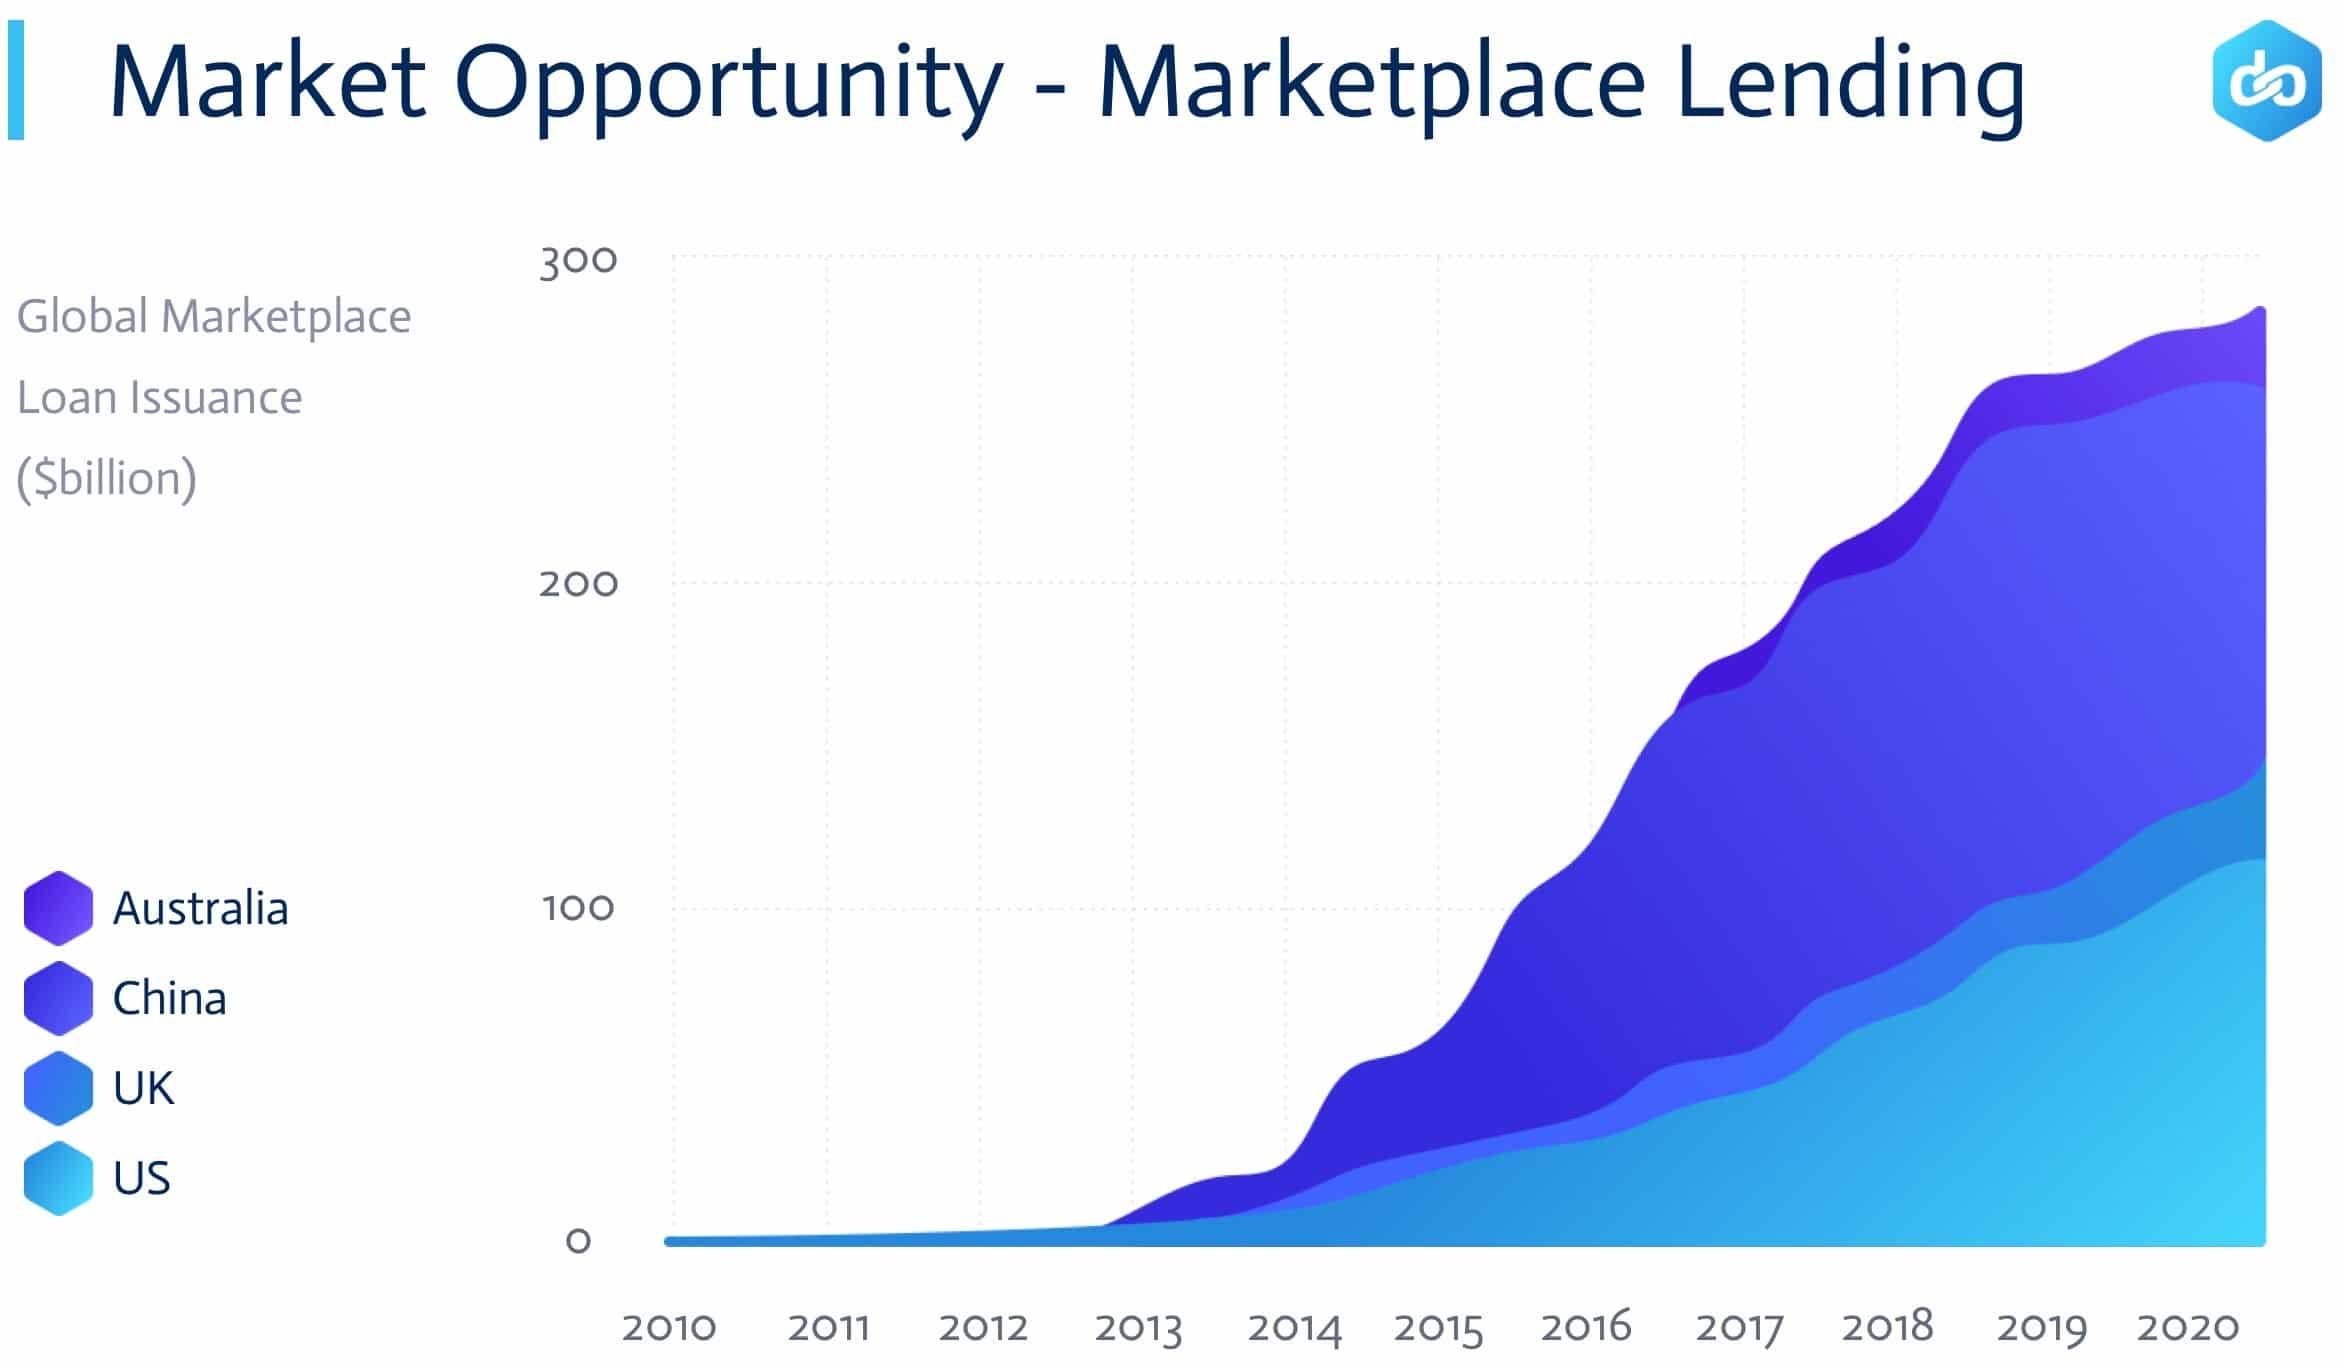 Lendoit Market Oppurtinity